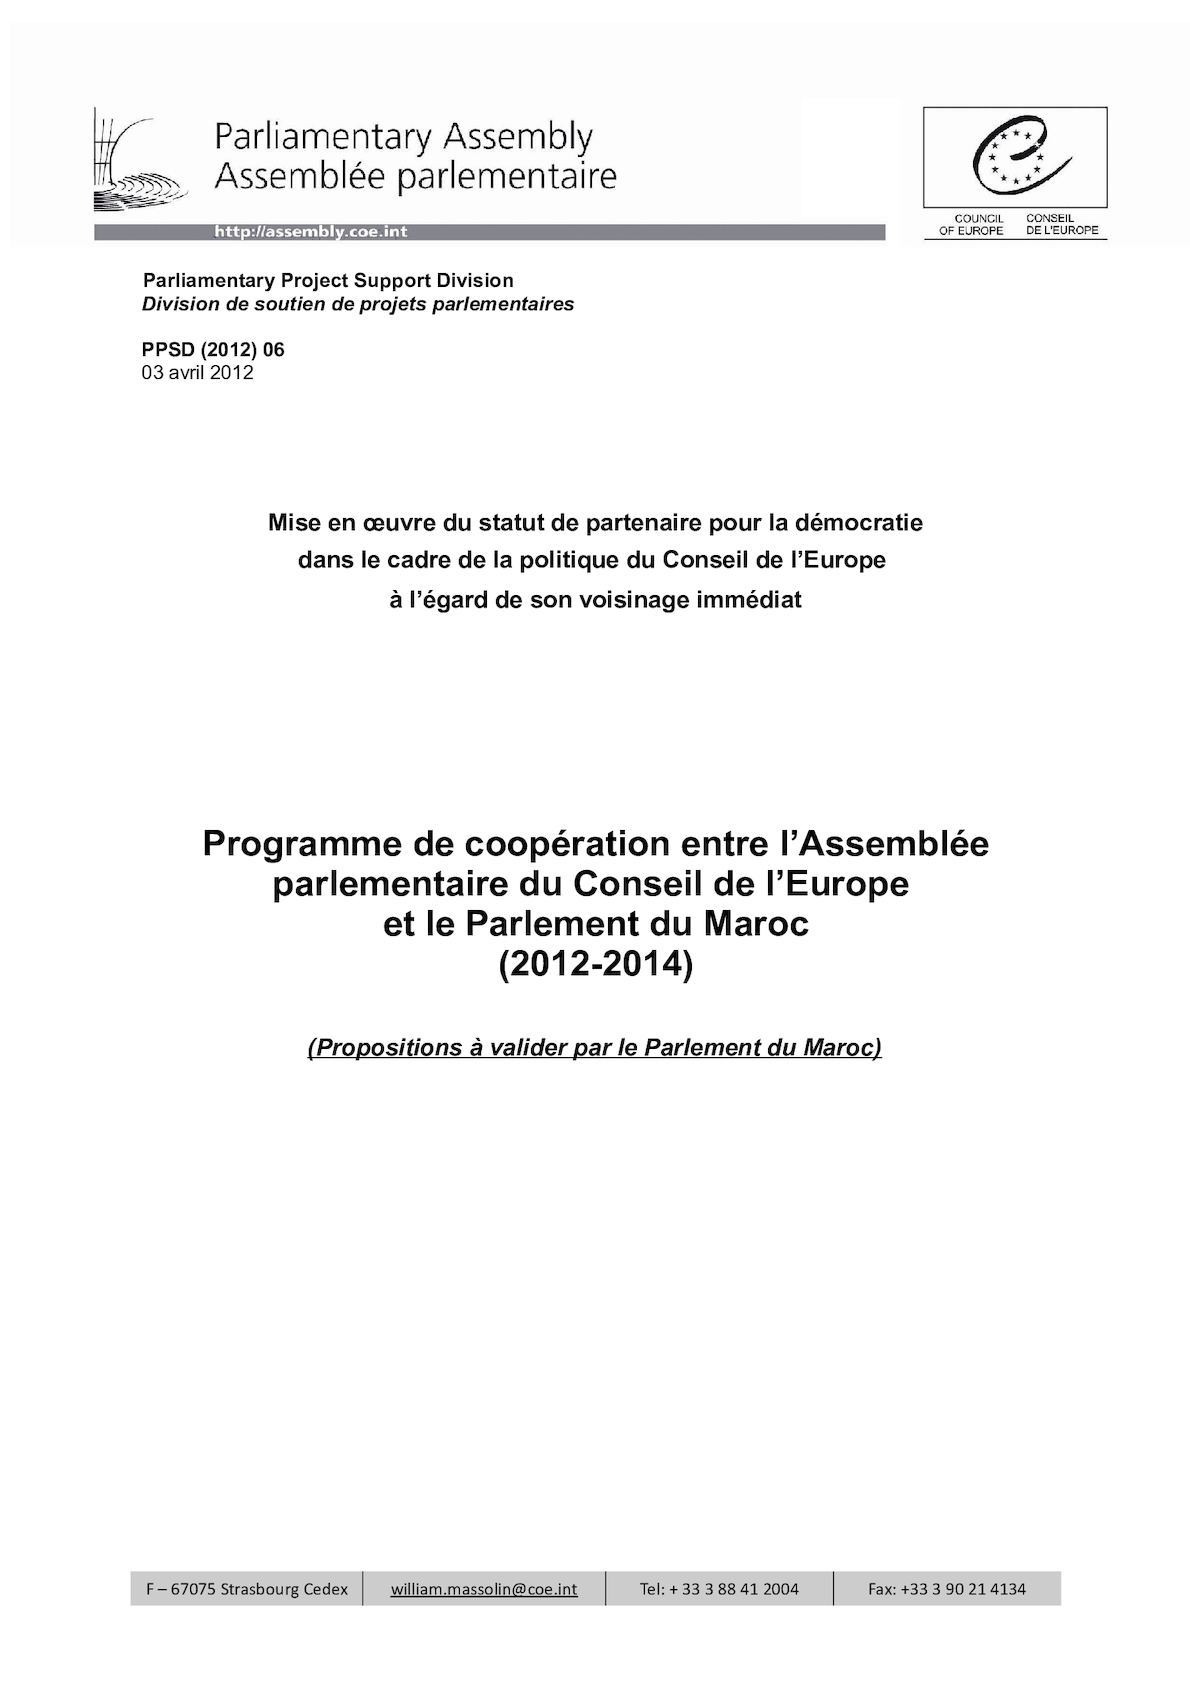 Programme De Coopération Avec Maroc